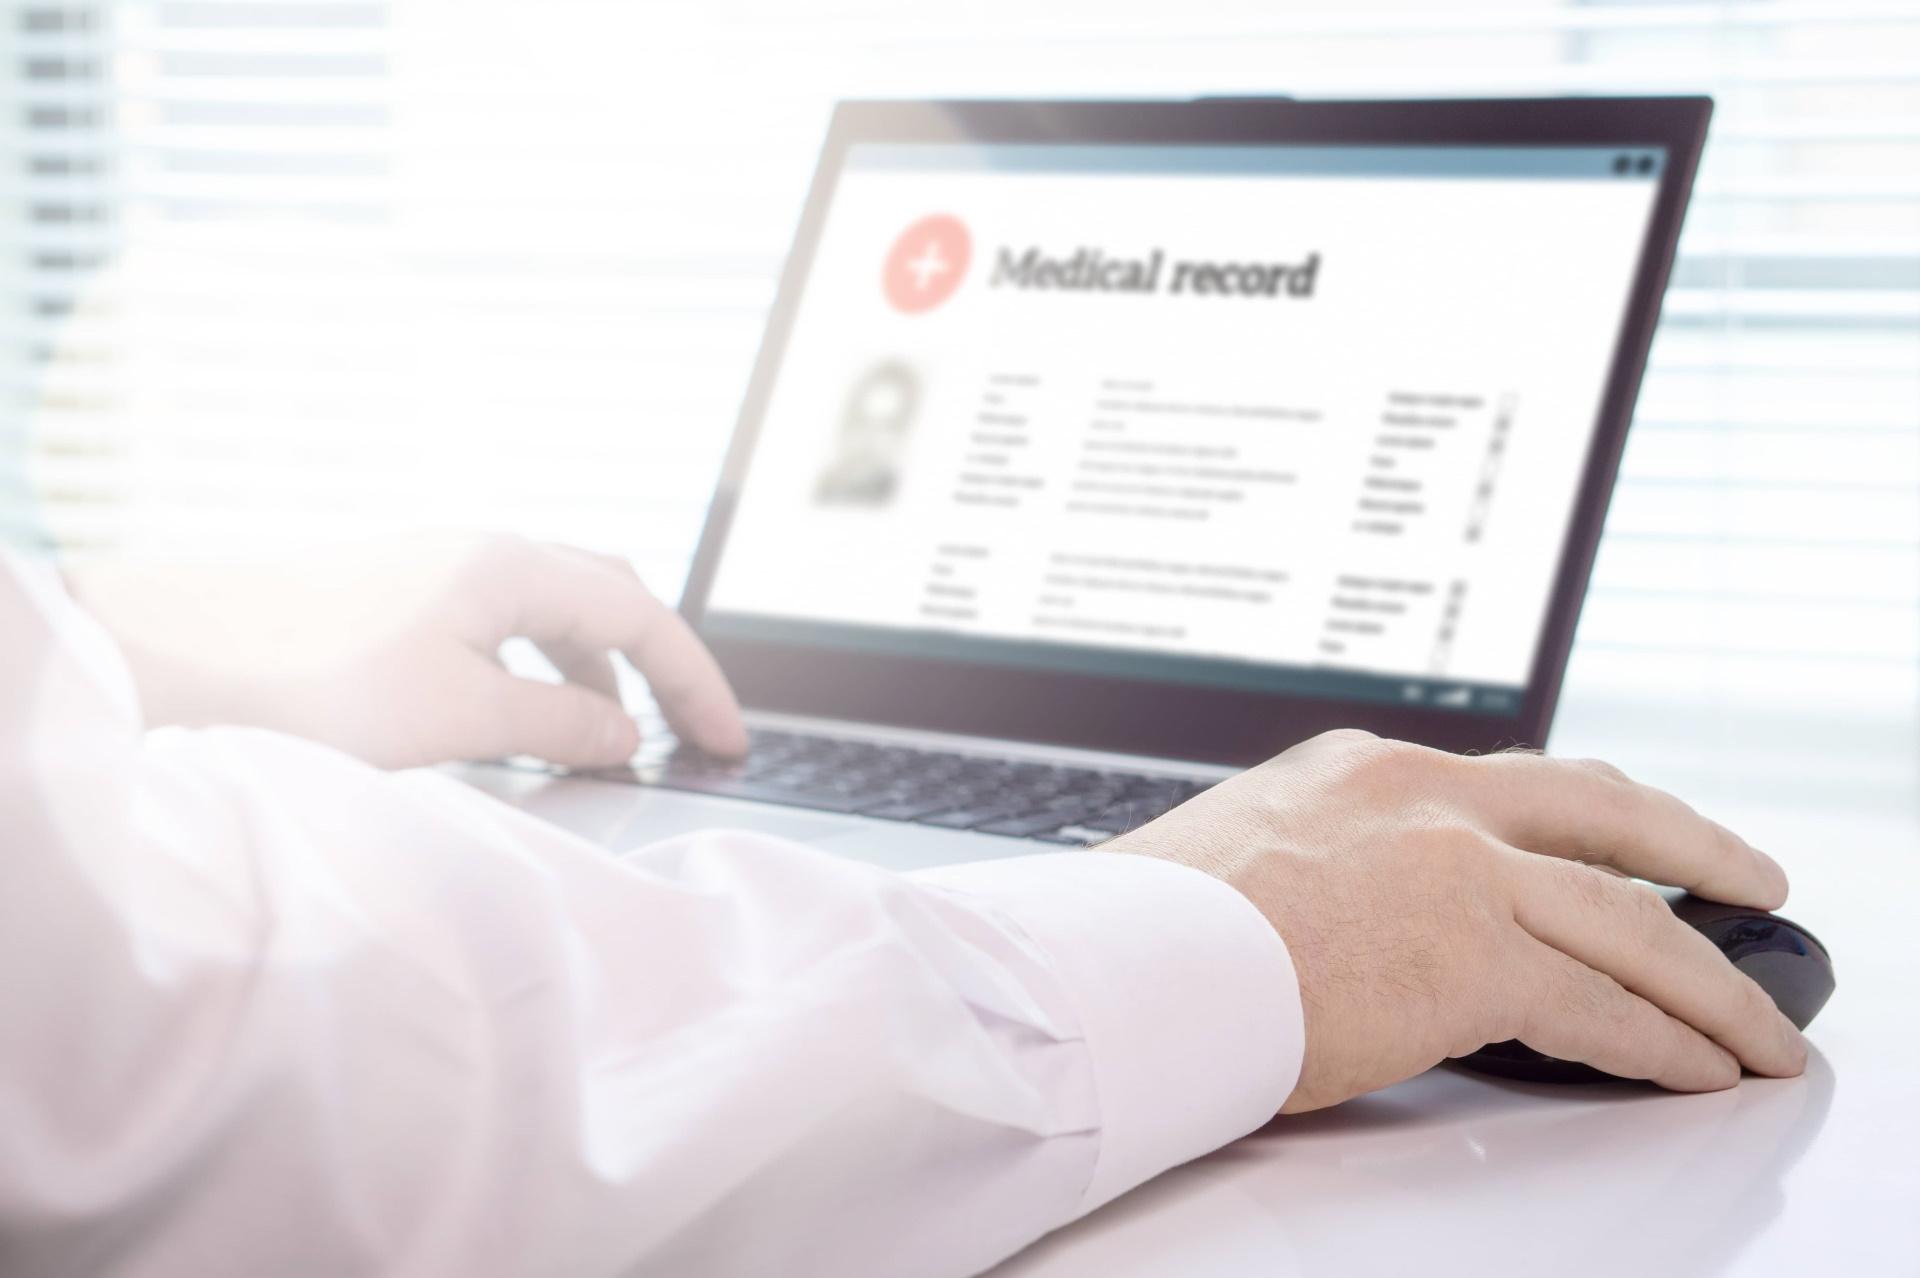 Zasady udostępniania elektronicznej dokumentacji medycznej